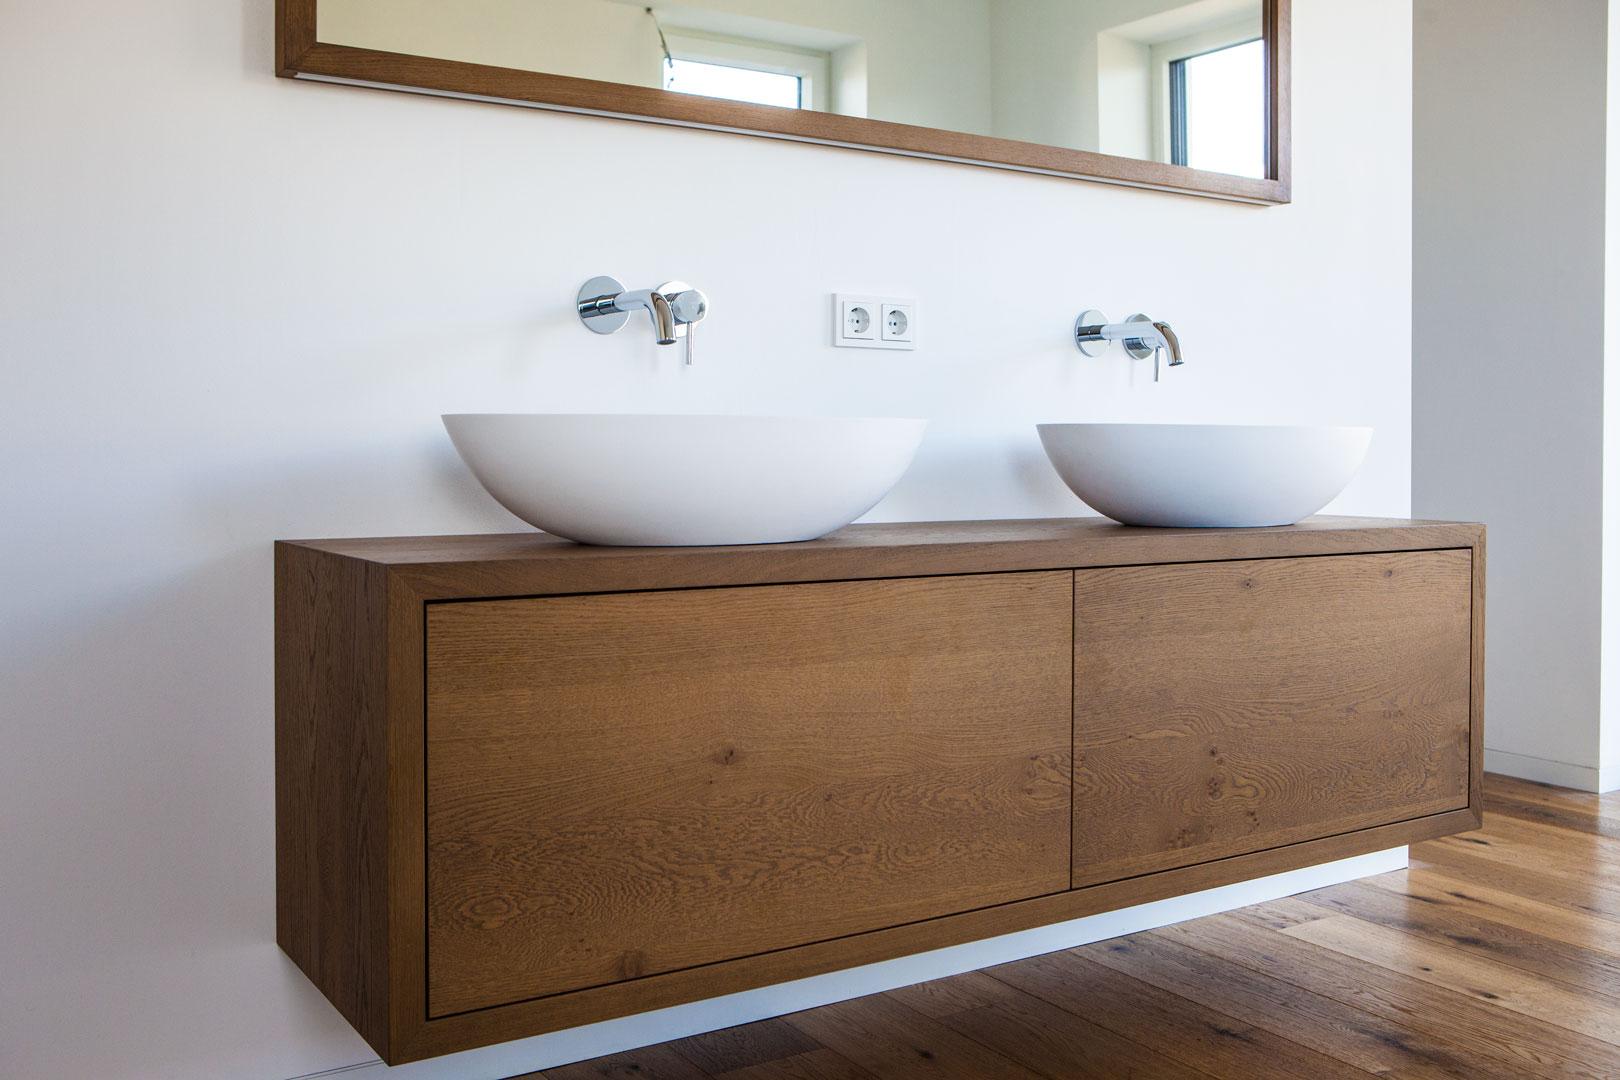 Verführerisch Badmöbel Rustikal Das Beste Von Moderne Badeinrichtung Moderne Badeinrichtung